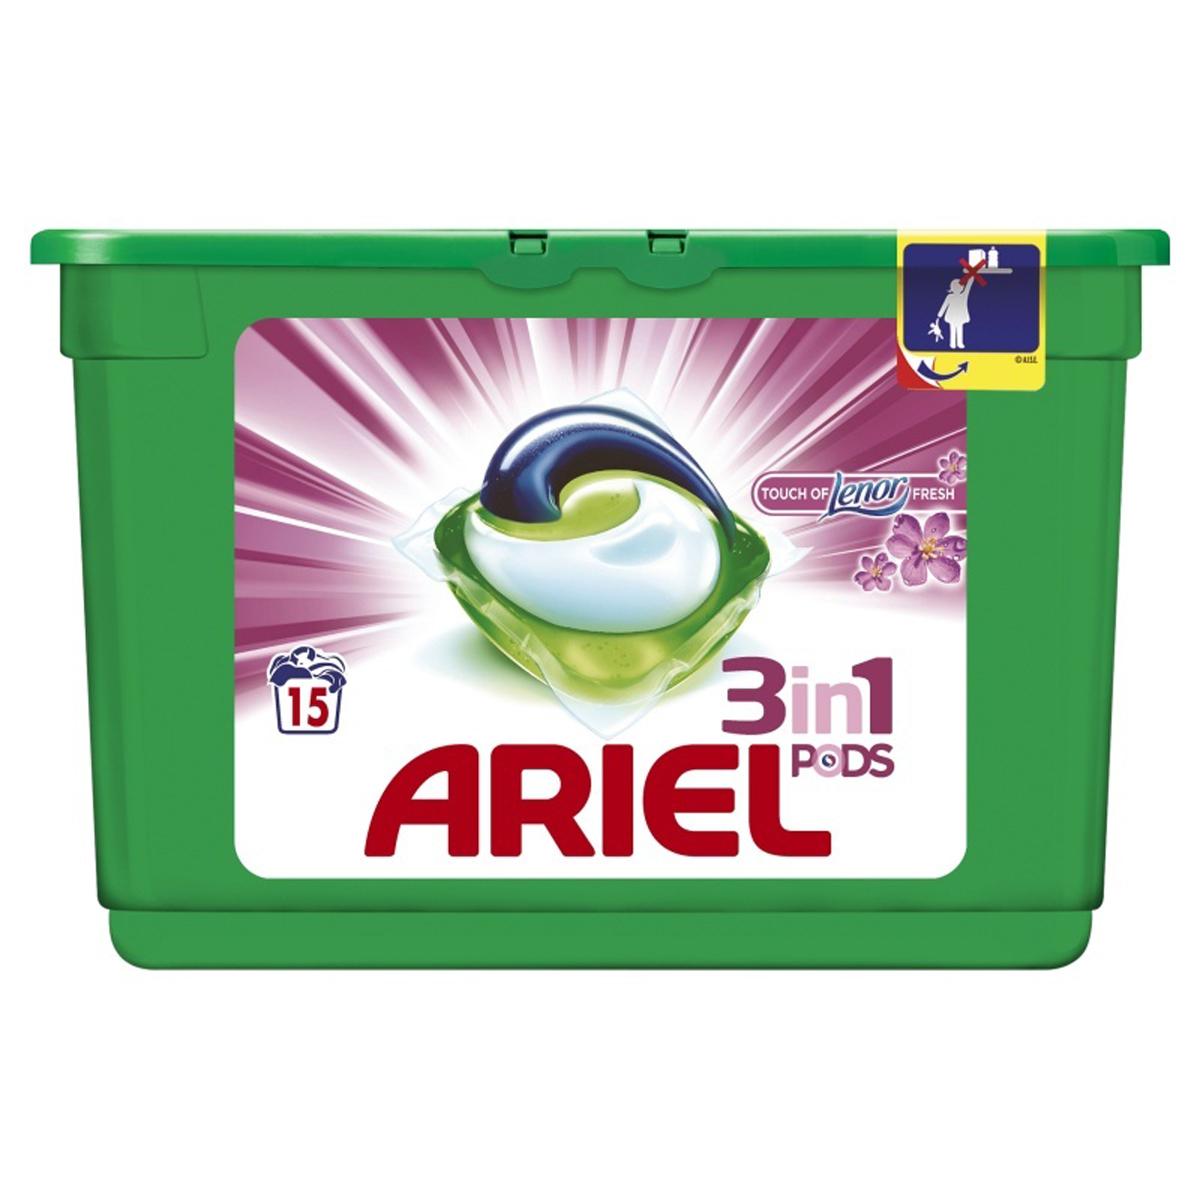 Гель в капсулах Ariel Touch of Lenor Fresh, 3 в 1, 15 шт106-026Гель в капсулах Ariel Touch of Lenor Fresh очищает, выводит пятна, придает яркость. Данное средство - это инновация! Первое средство для стирки с тремя раздельными компонентами, которые работают вместе. Они очищают, выводят пятна и придают тканям яркость. Компоненты находятся в отдельных секциях капсулы, что предотвращает их смешивание до начала стирки.Для наилучшего результата используйте вместе с кондиционером для белья Lenor.Состав: >30% анионные ПАВ; 5-15% неионогенные ПАВ, мыло; Товар сертифицирован.